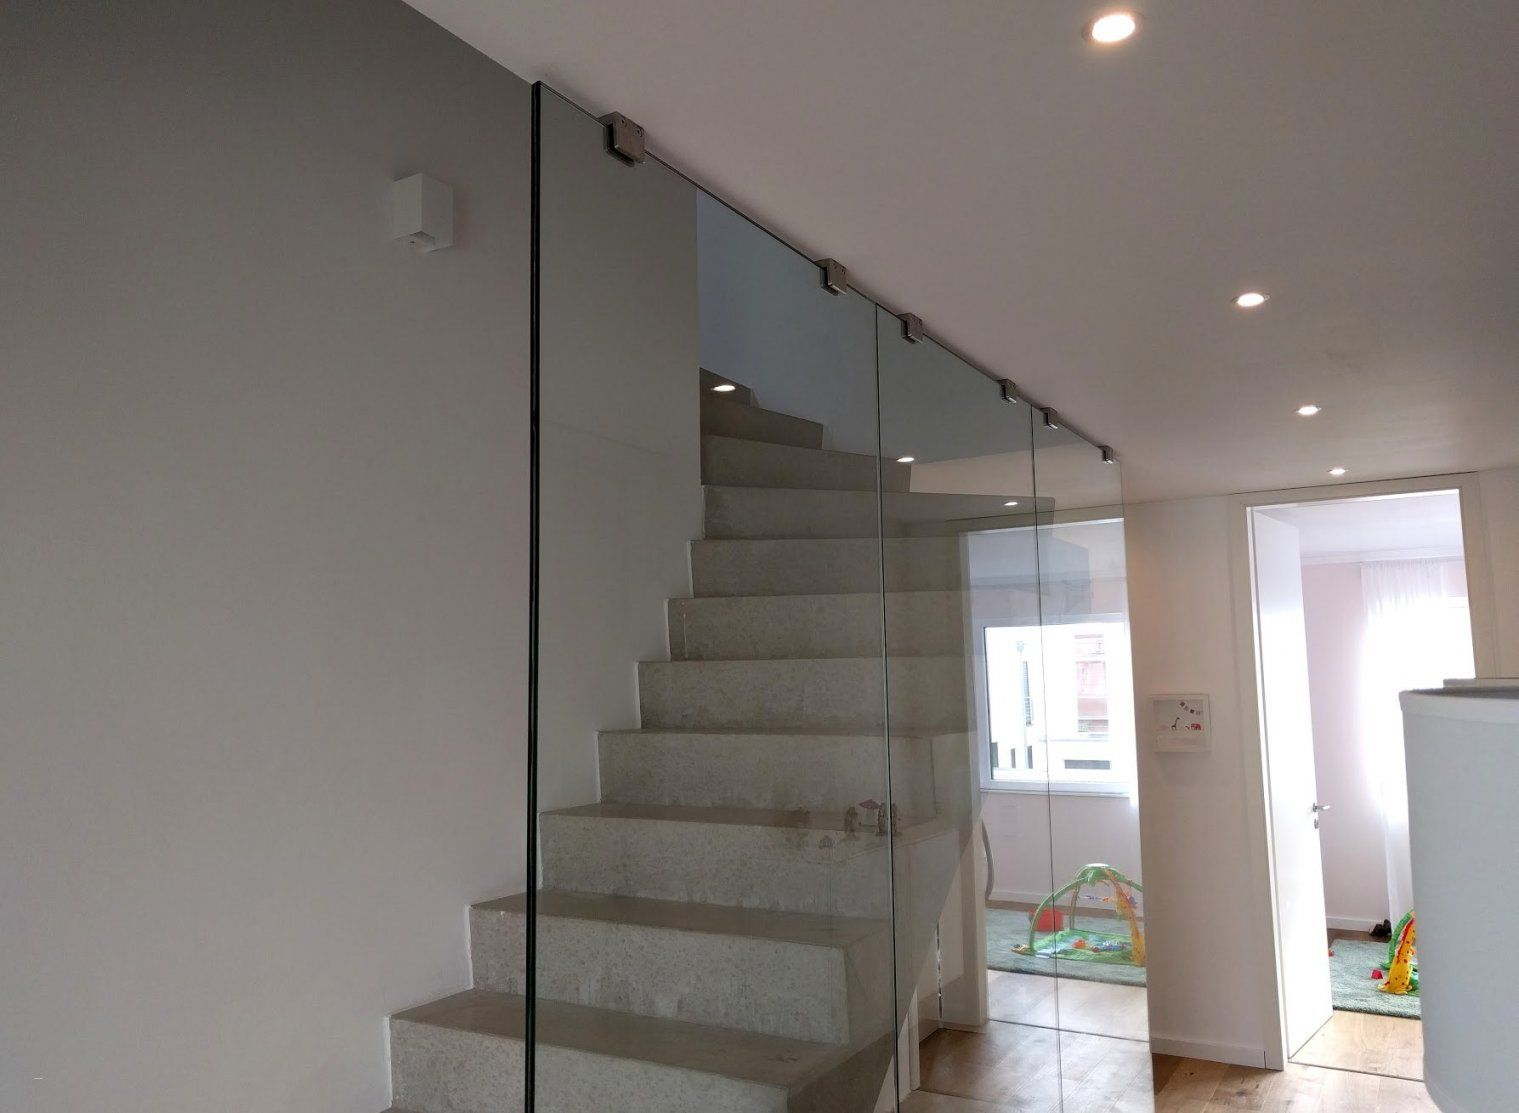 Trennwand Wohnzimmer Bauen Fachwerk Raumteiler Ideen Inspirierend